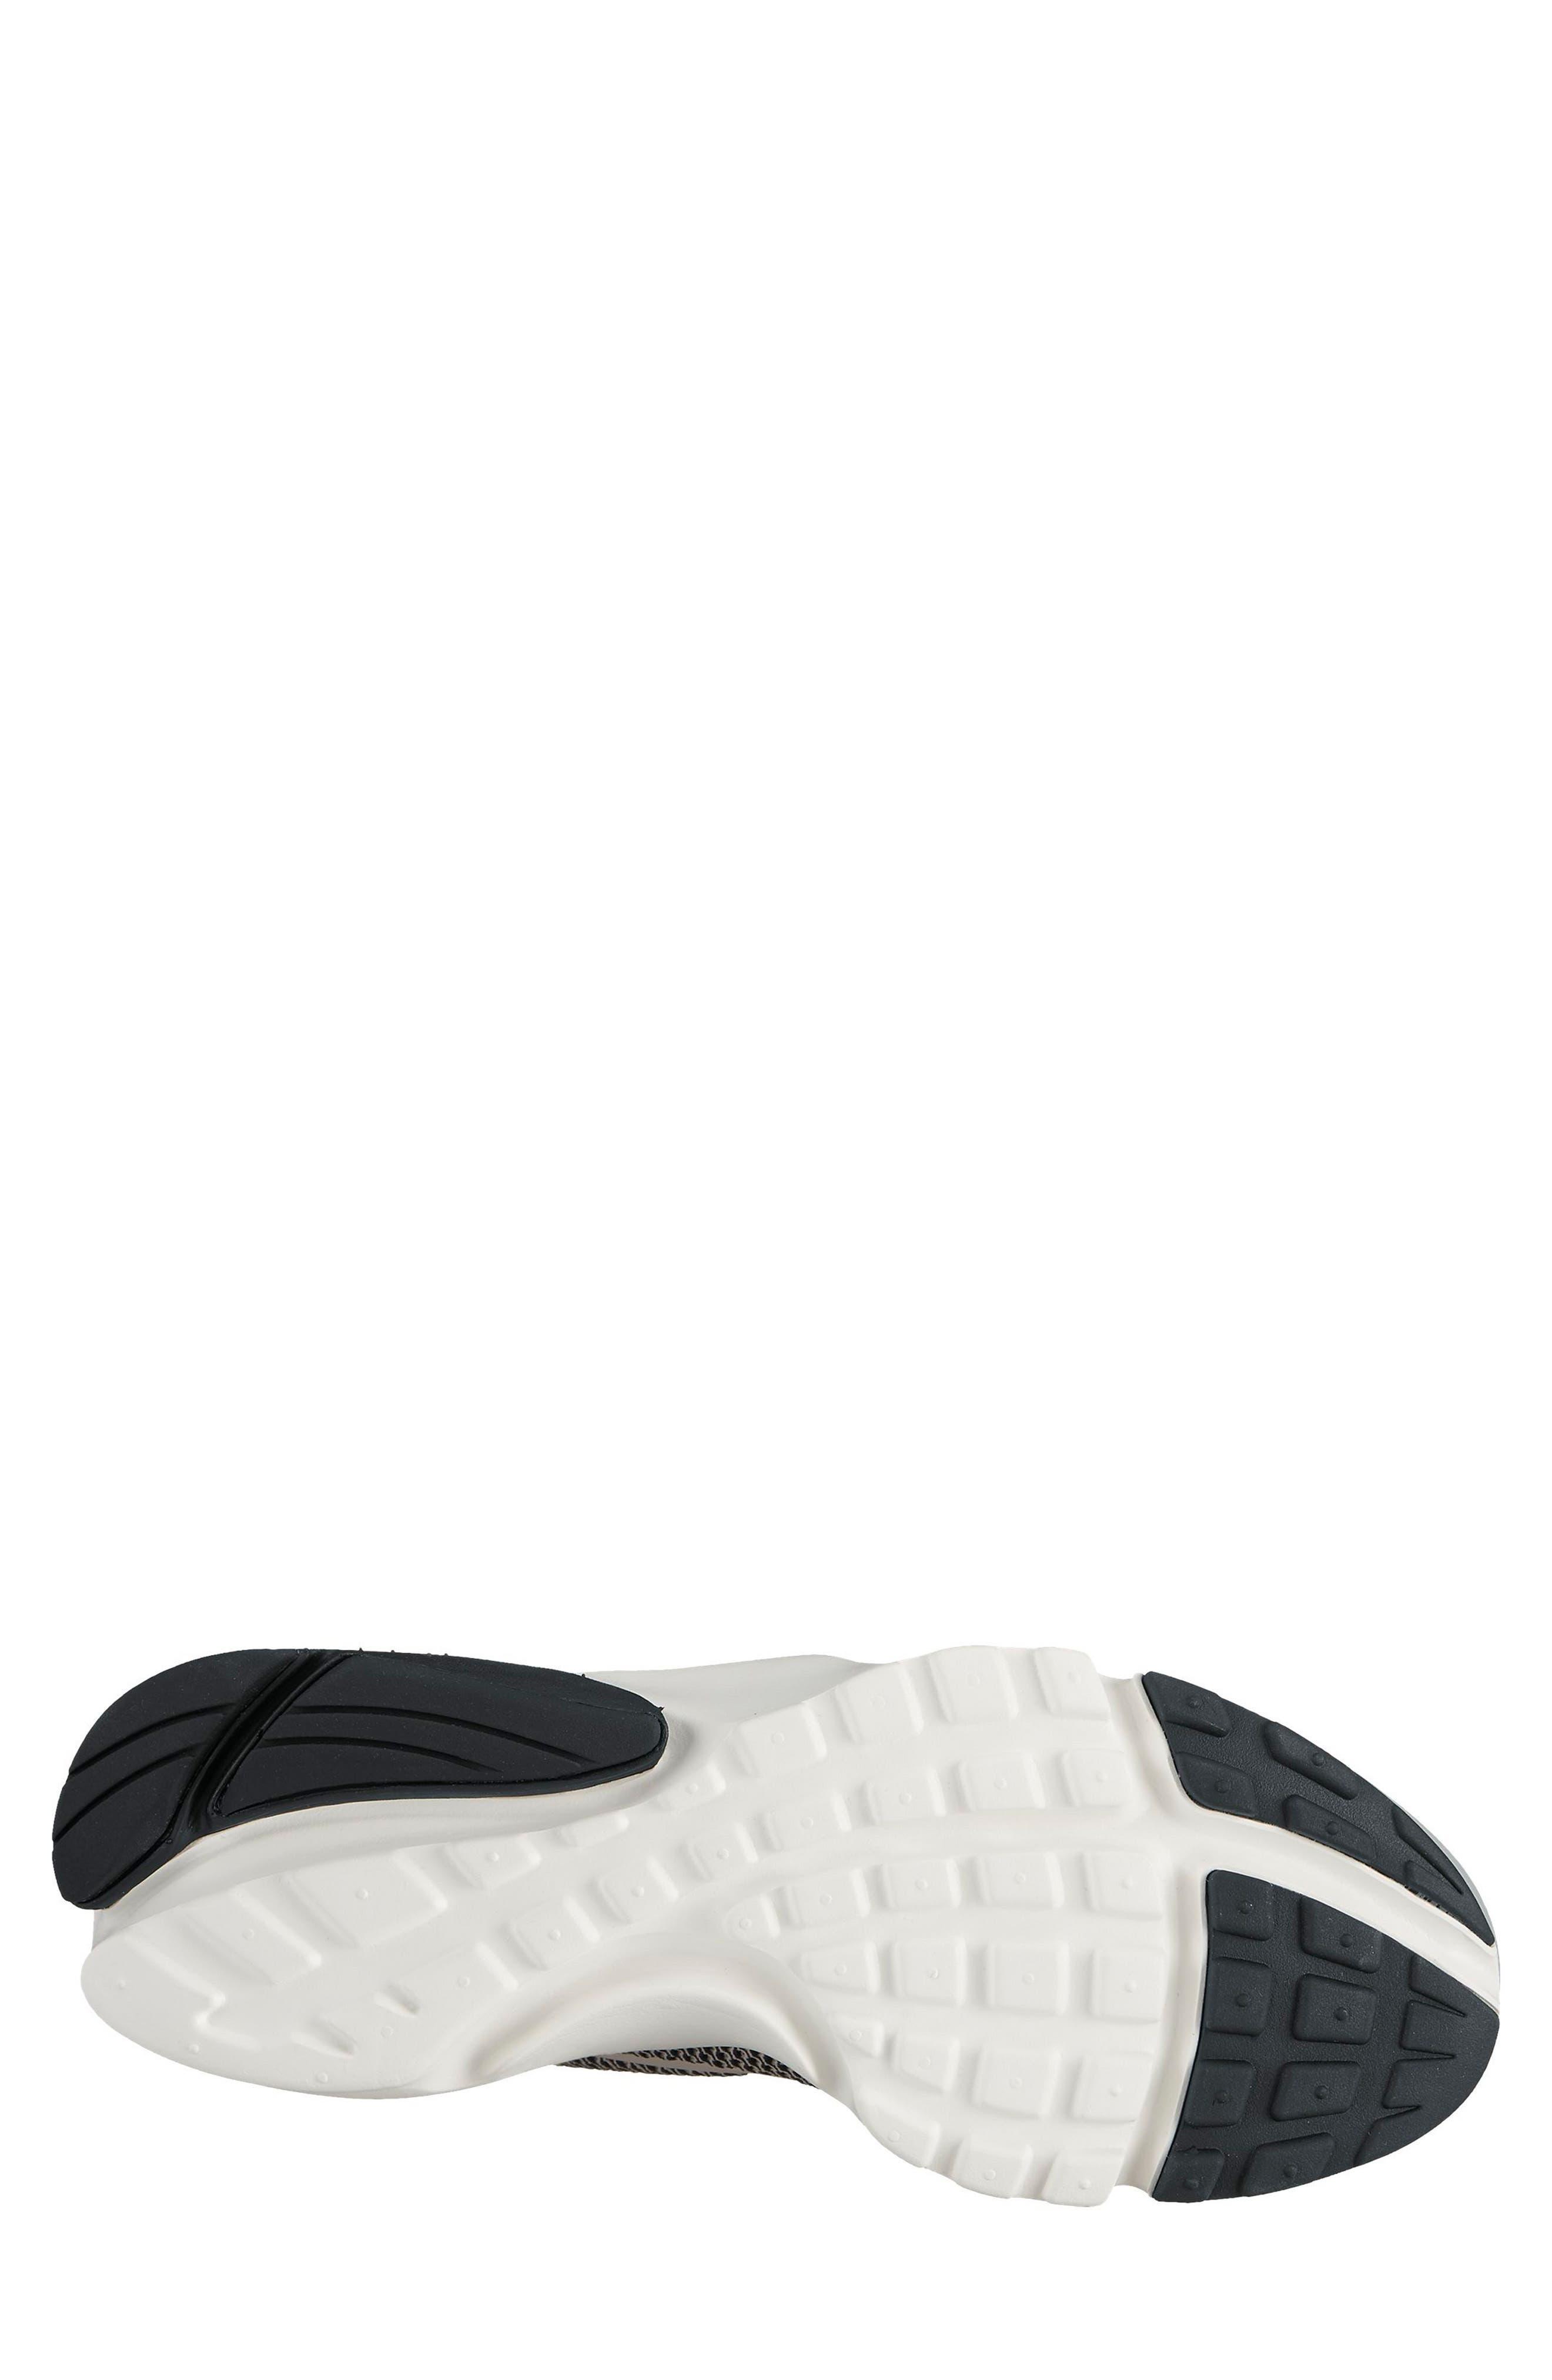 Presto Ultra SE Sneaker,                             Alternate thumbnail 2, color,                             BROWN/ WHITE/ BLACK/ ORANGE